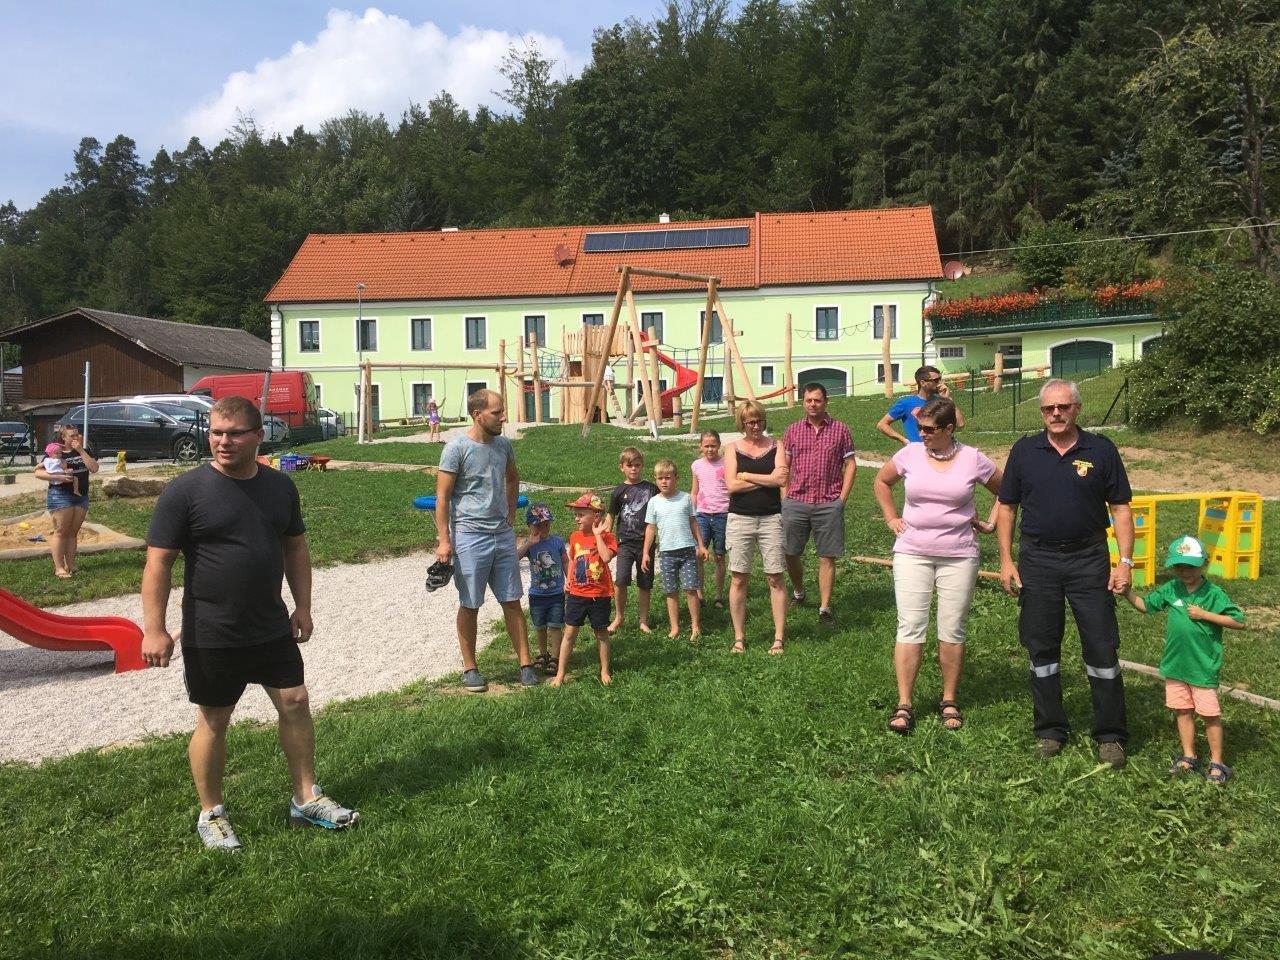 Robert Liebenauer: Ferienspiel 24.08.2019 in Etzen